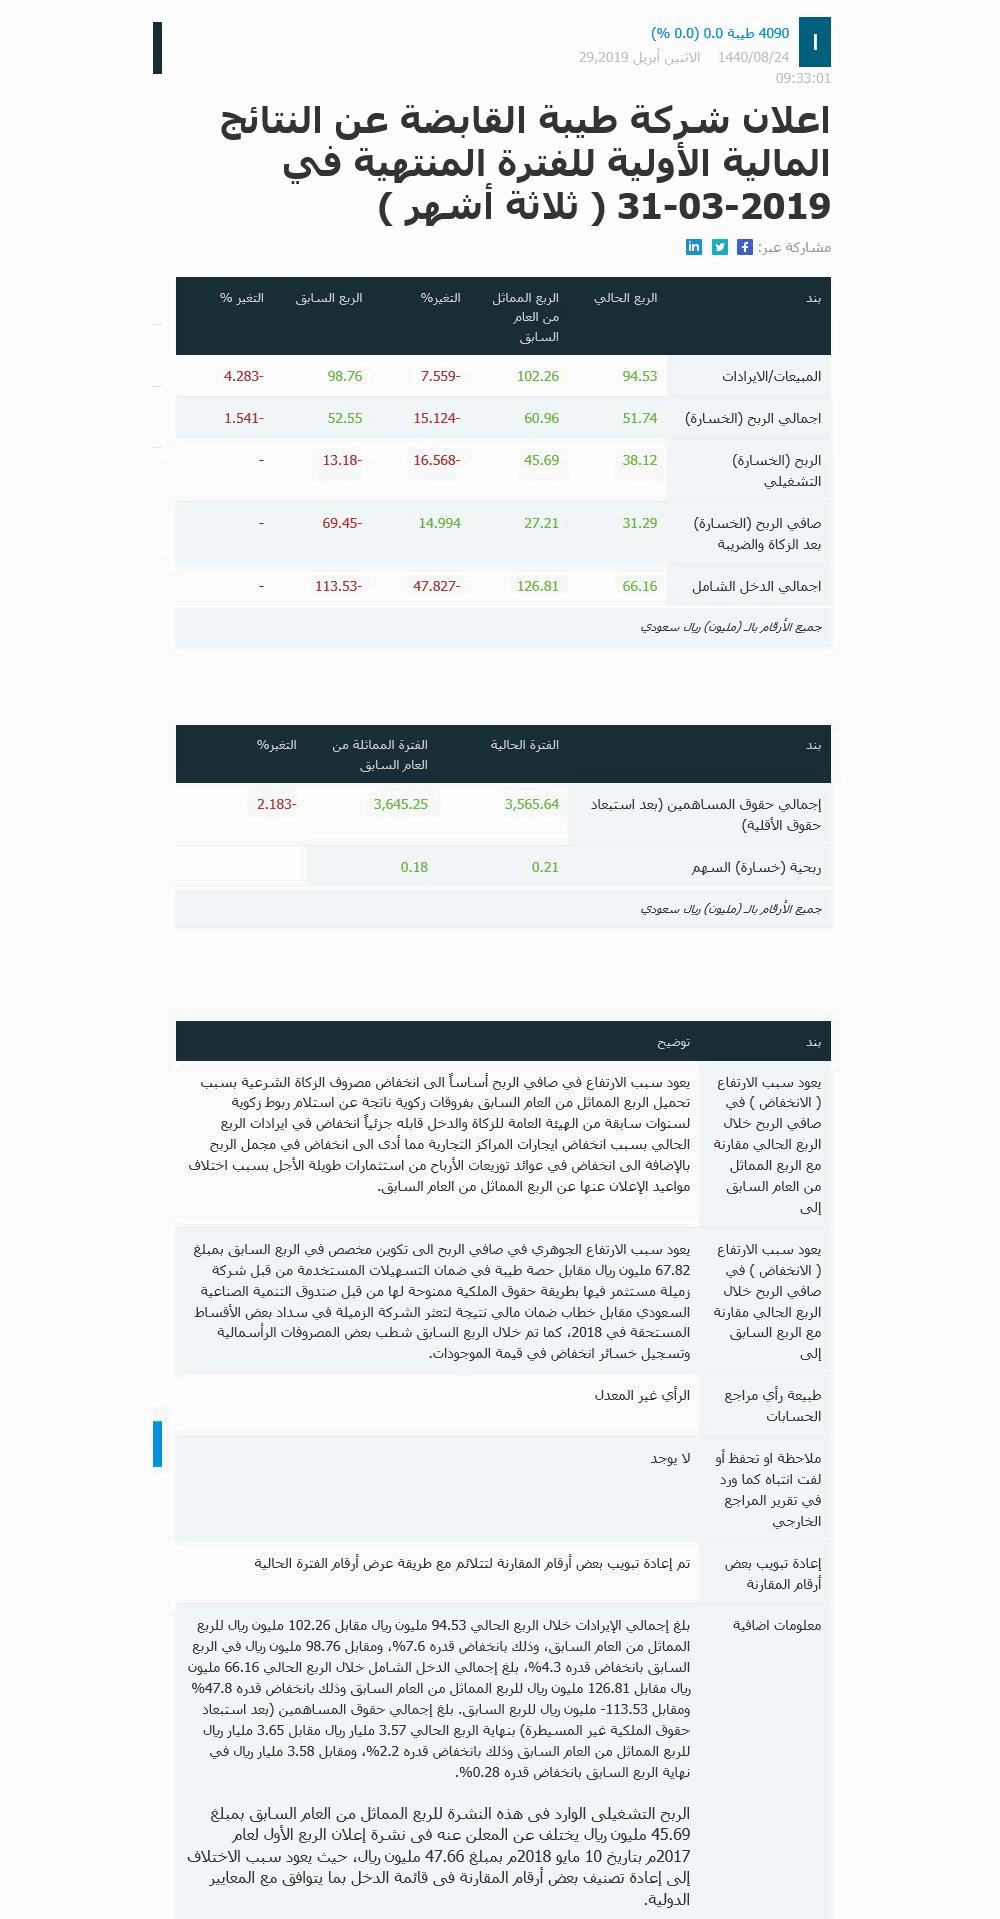 اعلان شركة طيبة النتائج المالية الأولية للفترة المنتهية 2019-03-31